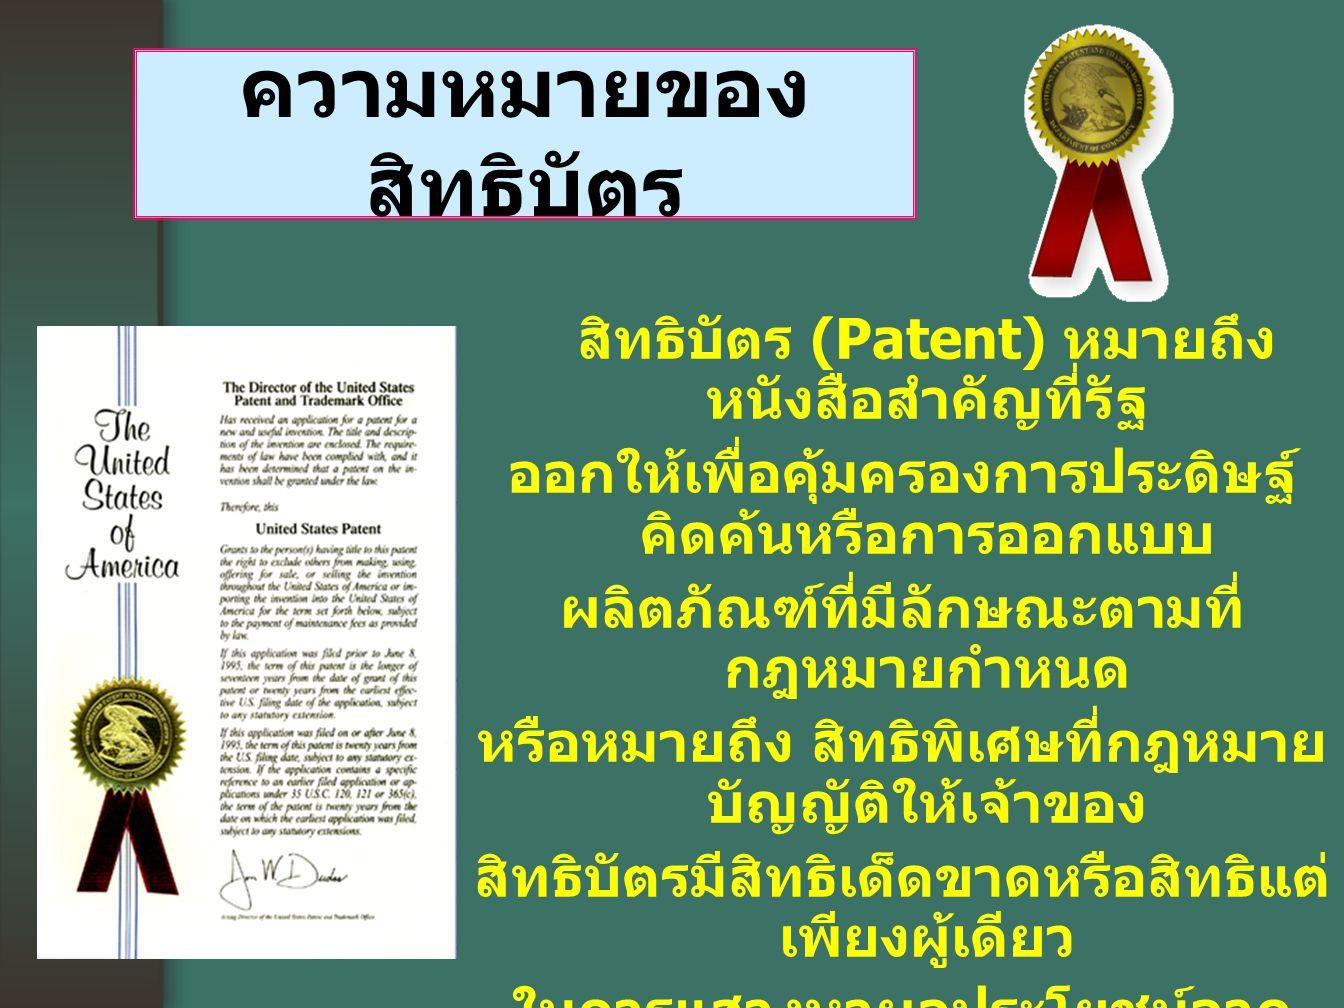 สิทธิบัตร (Patent) หมายถึง หนังสือสำคัญที่รัฐ ออกให้เพื่อคุ้มครองการประดิษฐ์ คิดค้นหรือการออกแบบ ผลิตภัณฑ์ที่มีลักษณะตามที่ กฎหมายกำหนด หรือหมายถึง สิทธิพิเศษที่กฎหมาย บัญญัติให้เจ้าของ สิทธิบัตรมีสิทธิเด็ดขาดหรือสิทธิแต่ เพียงผู้เดียว ในการแสวงหาผลประโยชน์จาก การประดิษฐ์ หรือการออกแบบผลิตภัณฑ์ที่ ได้รับสิทธิบัตรนั้น เช่น การผลิตและจำหน่าย เป็นต้น และสิทธิที่ว่านี้ จะมีอยู่เพียงช่วงระยะเวลาที่จำกัด ช่วงหนึ่งเท่านั้น ความหมายของ สิทธิบัตร